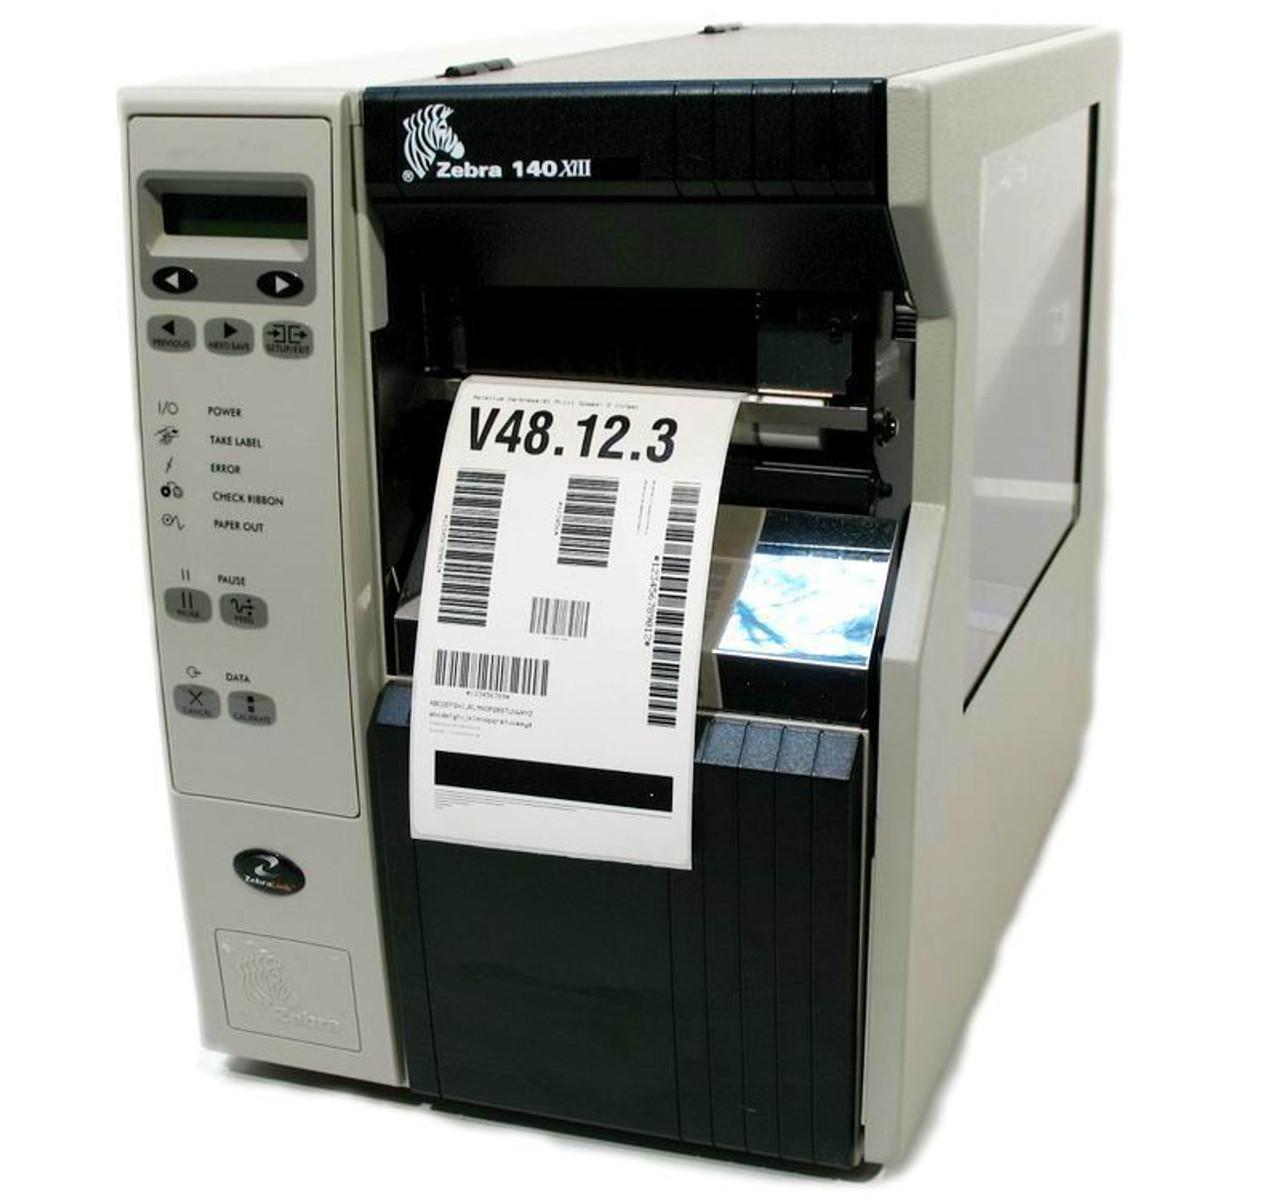 Zebra 140XiII B/W Direct thermal printer